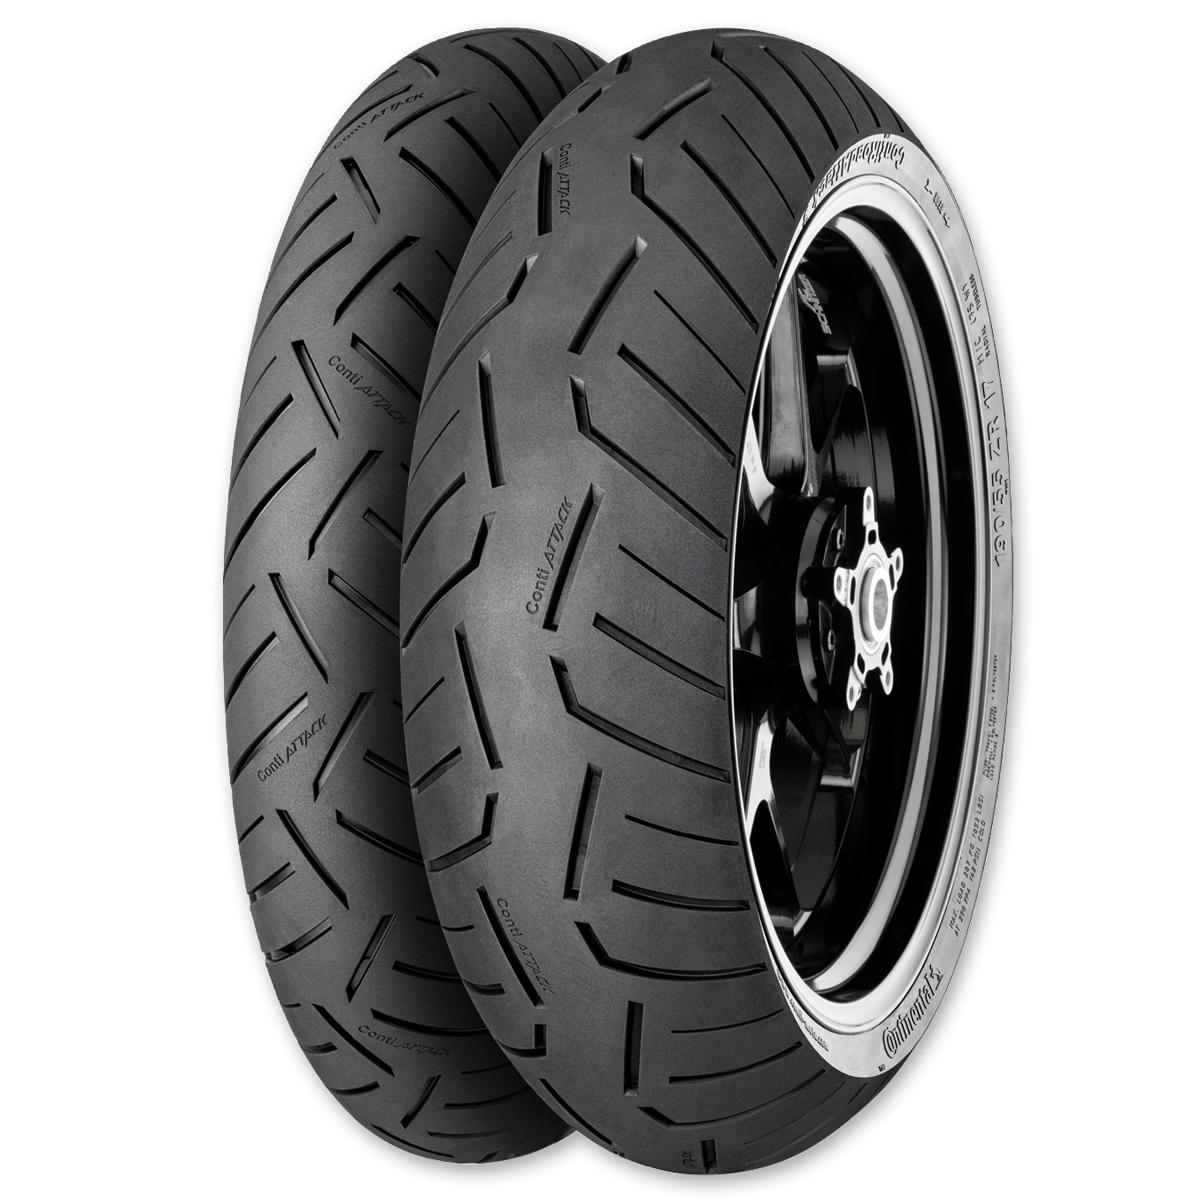 Continental Road Attack 3 190/50ZR17 Rear Tire